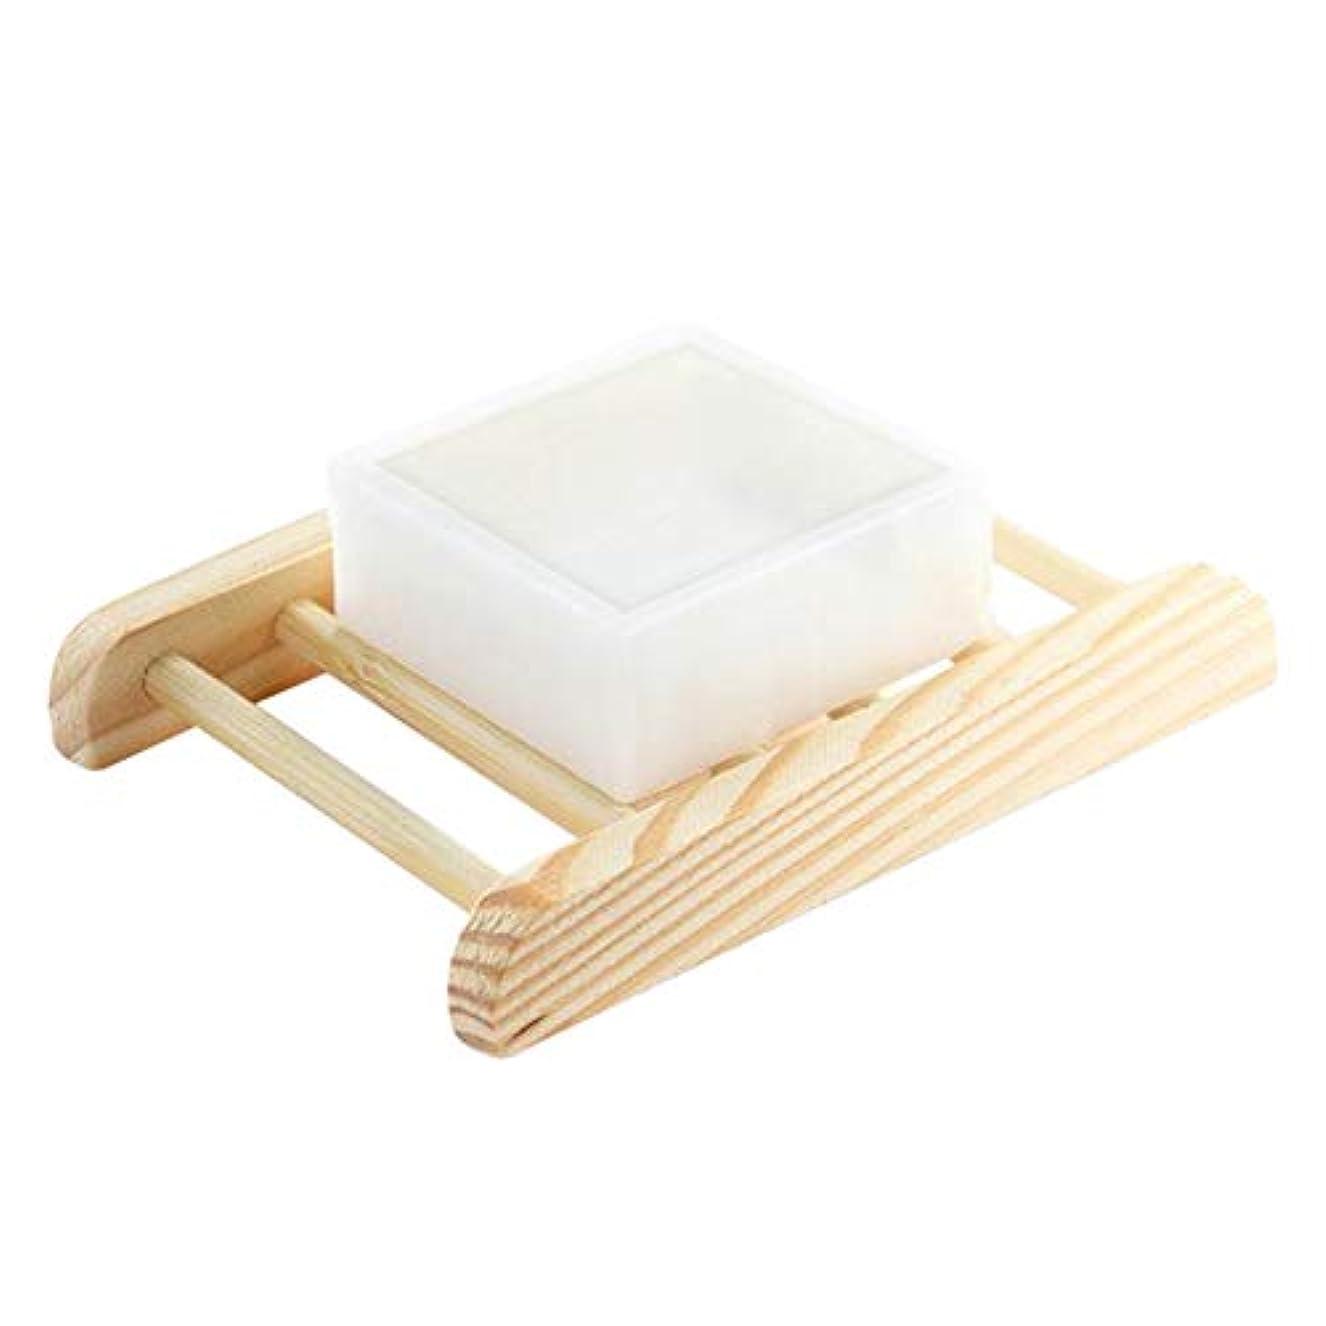 お客様スリンク最小化するKaddima ハンドメイド石鹸発酵ボディネックアームのホワイトニングホワイトニングソープ